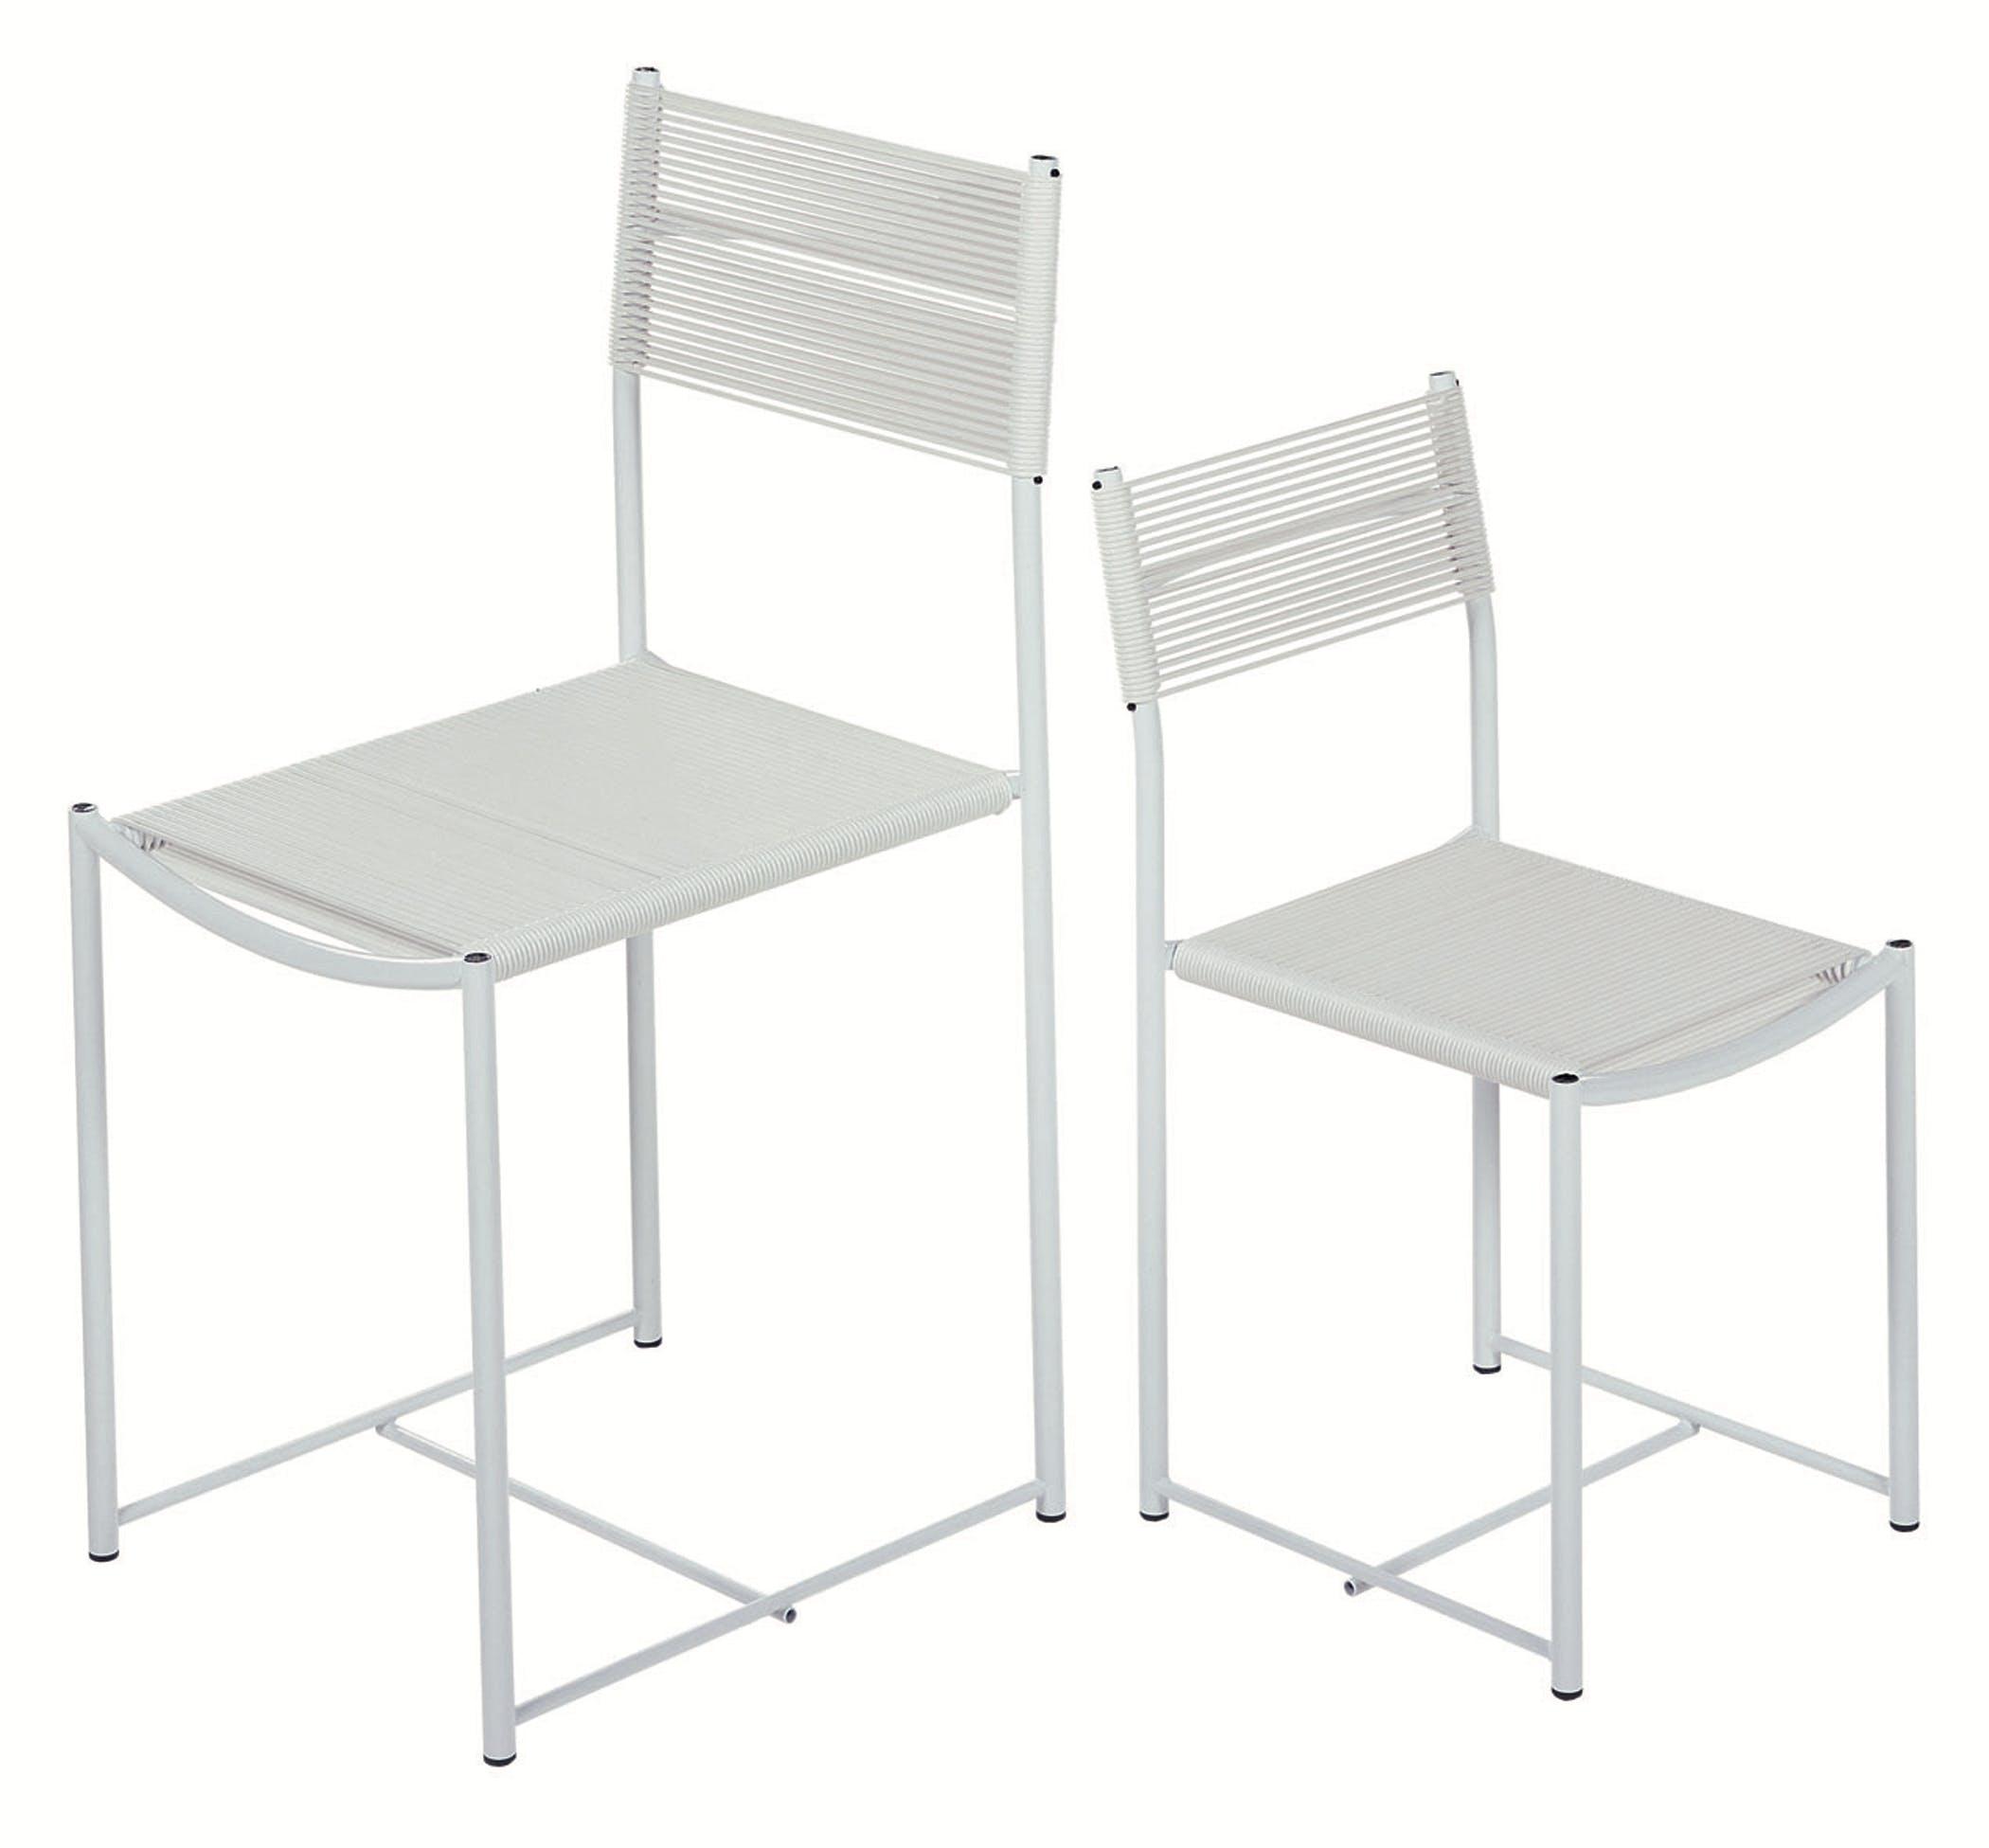 Spaghetti Chair9